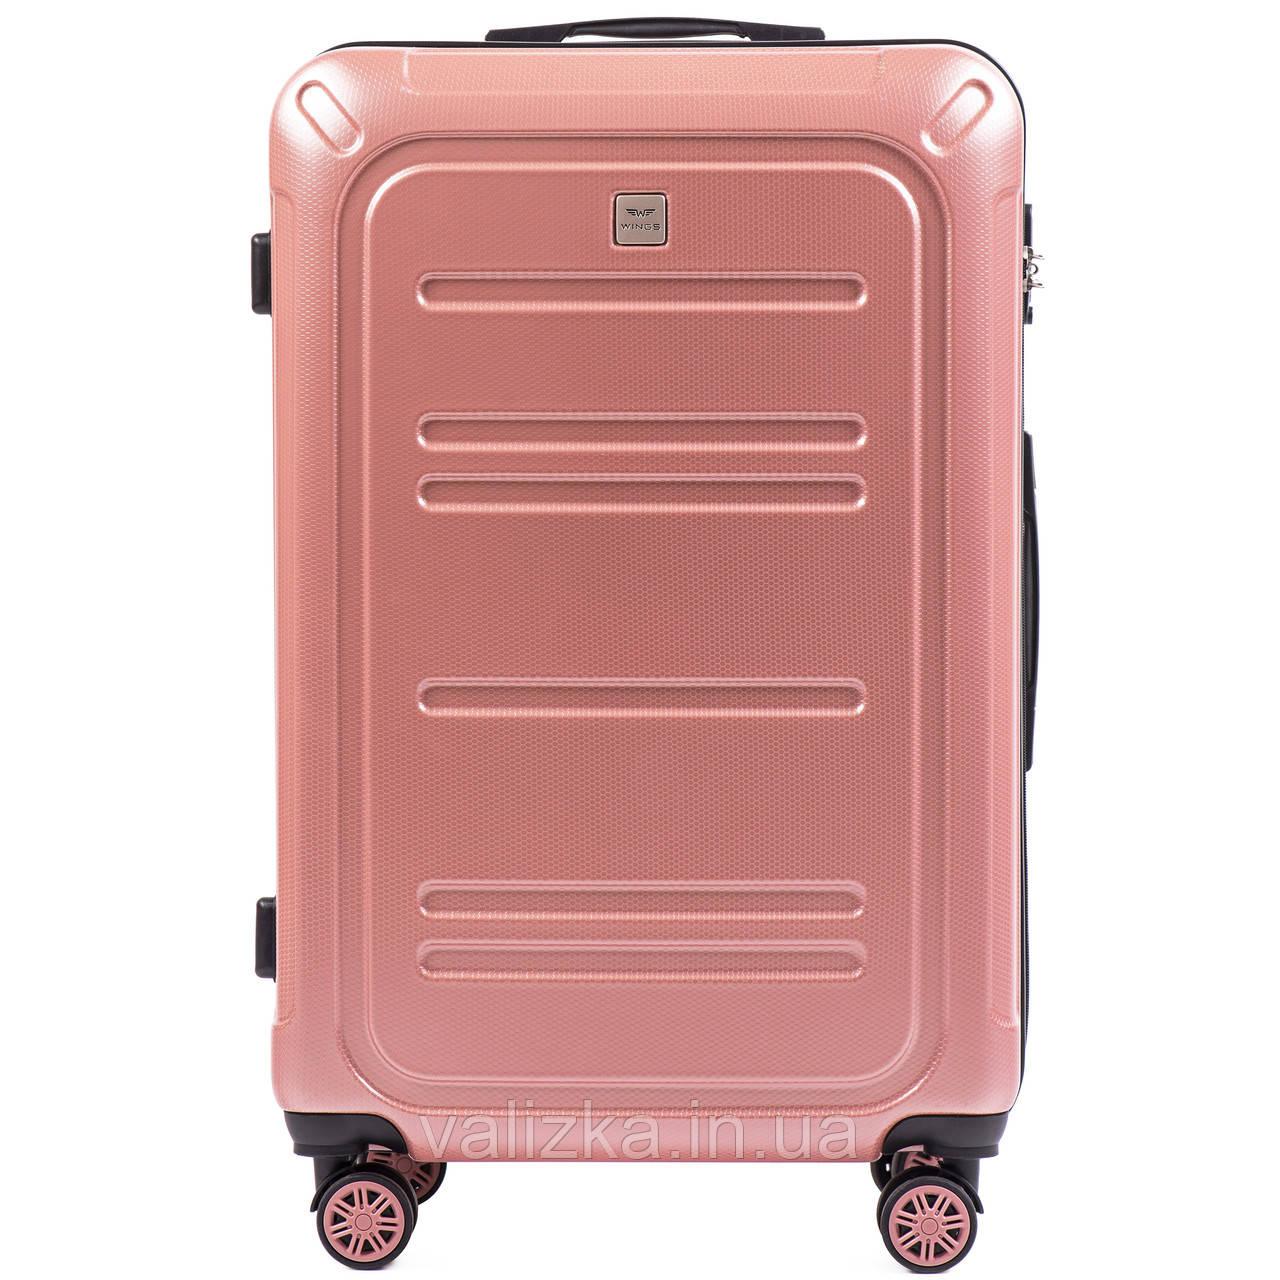 Большой чемодан из поликарбоната премиум серии для ручной клади на 4-х двойных колесах розовый W-175